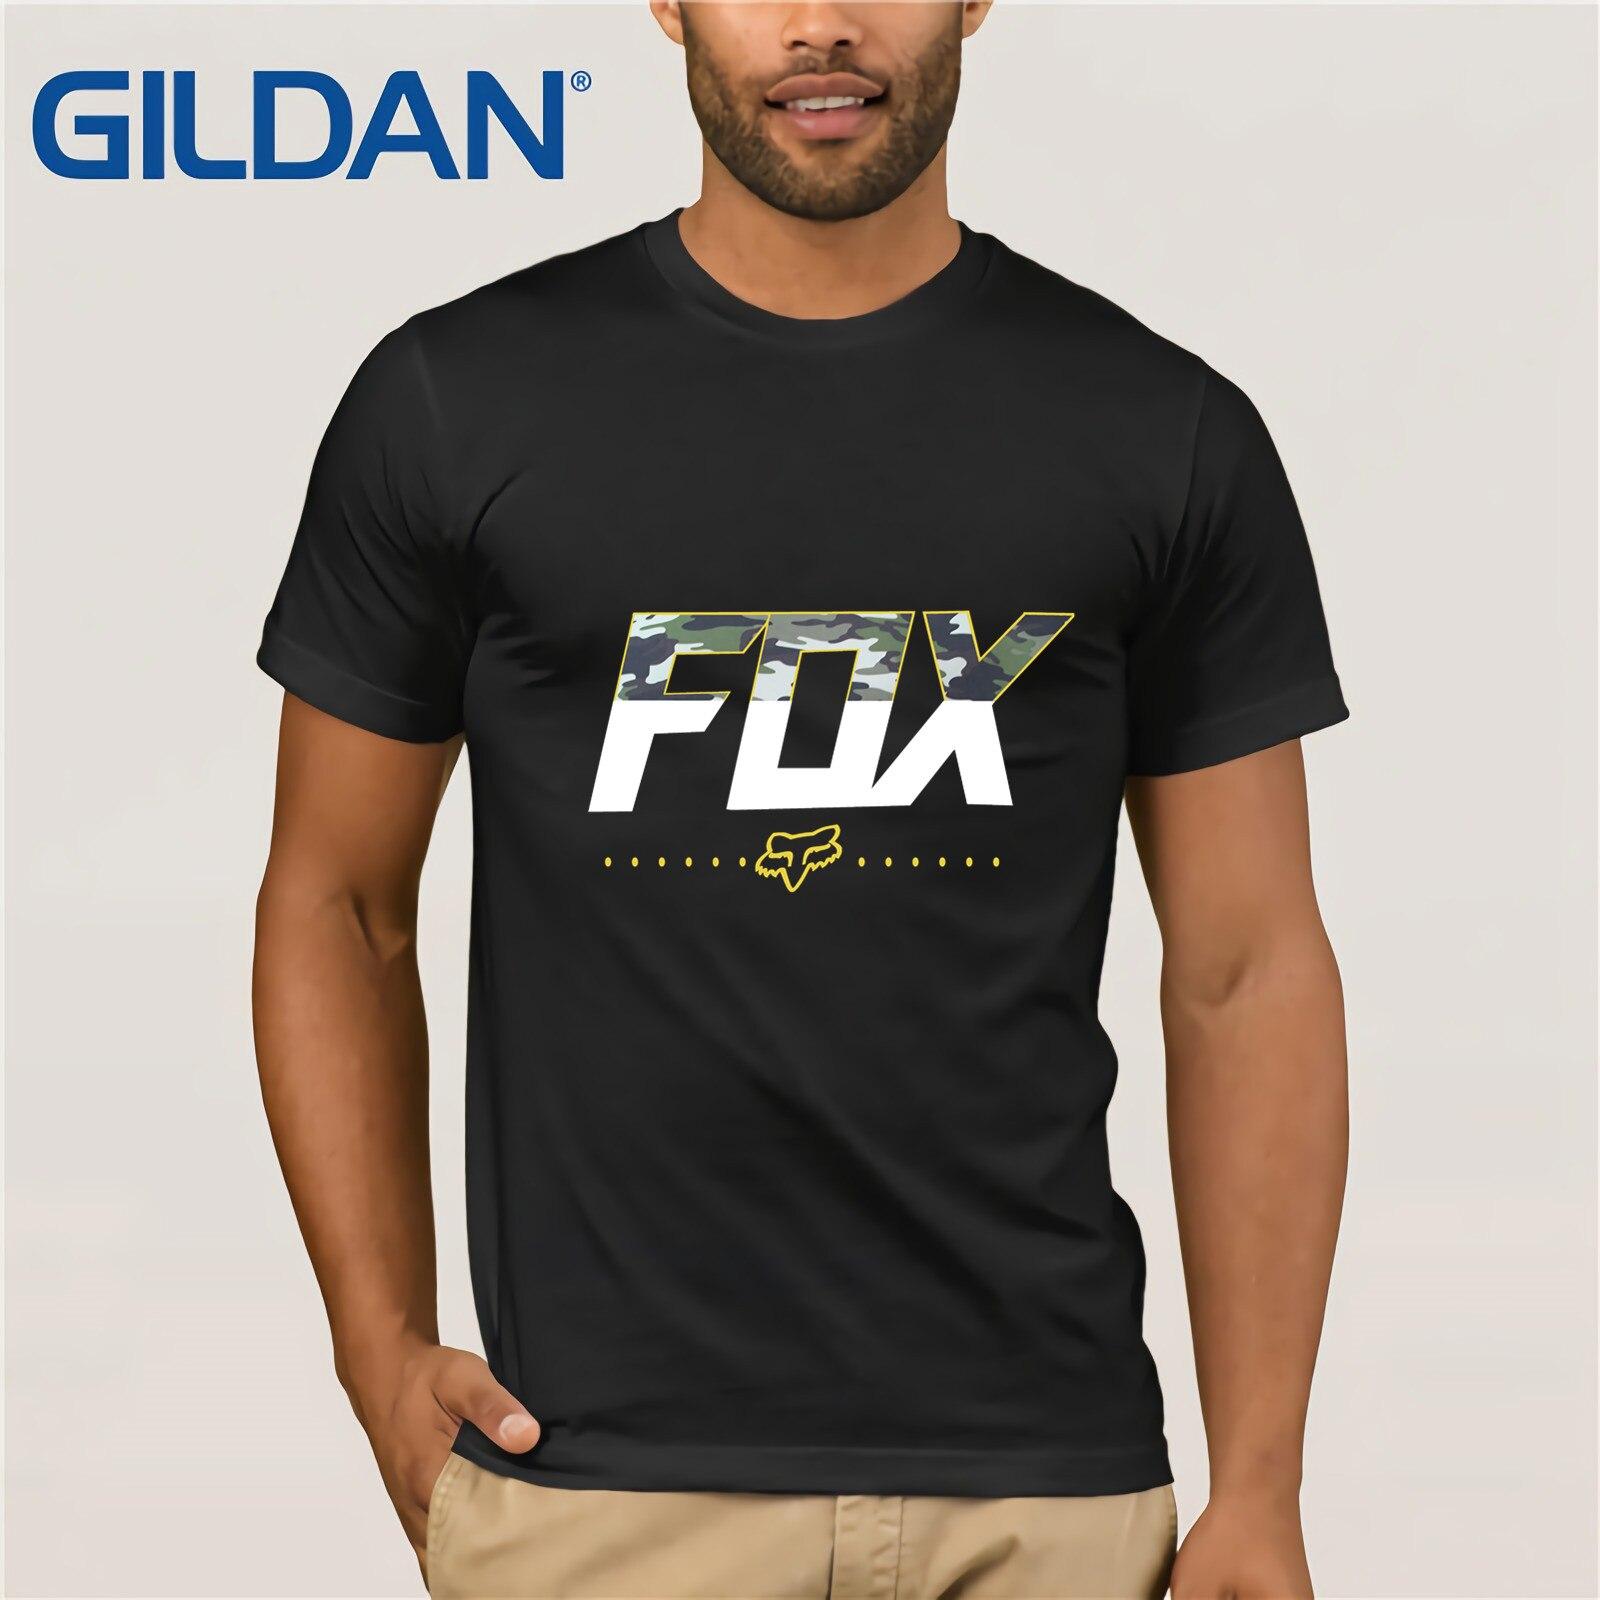 fox Mtb Ranger Mens   T  -  shirt   - Black All Sizes Mens 2019 fashion Brand   T     Shirt   O-Neck 100%cotton custom printed   T  -  Shirt   Tops Tee